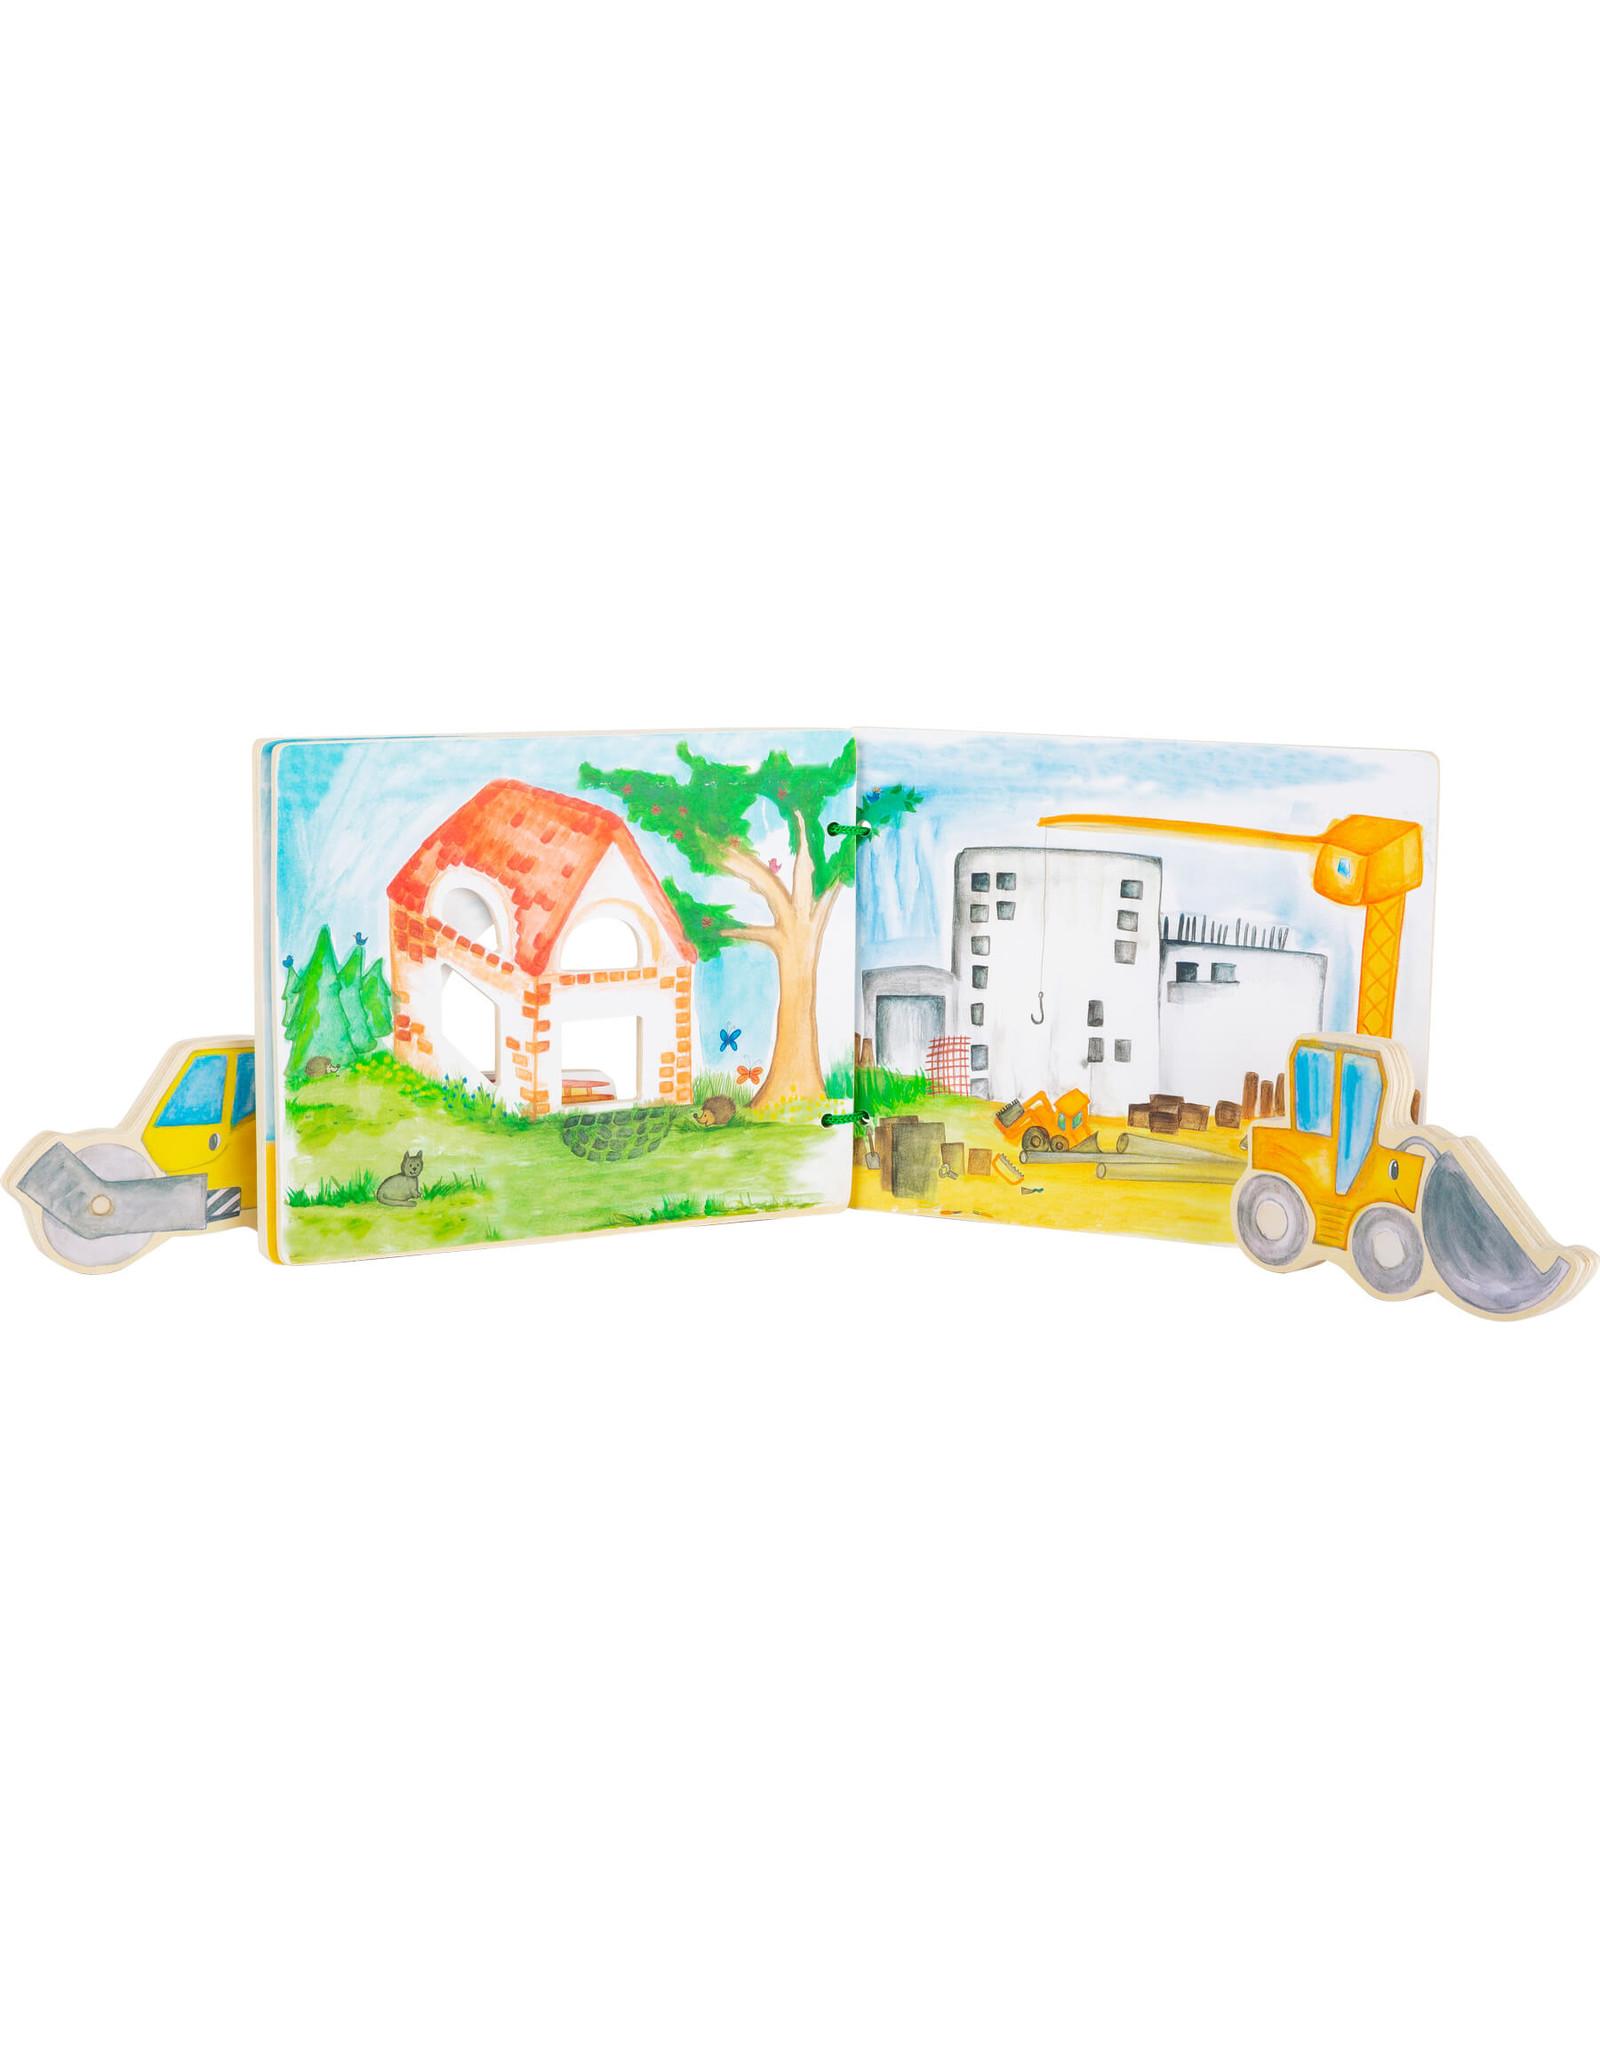 Small Foot Prentenboek bouwplaats, interactief